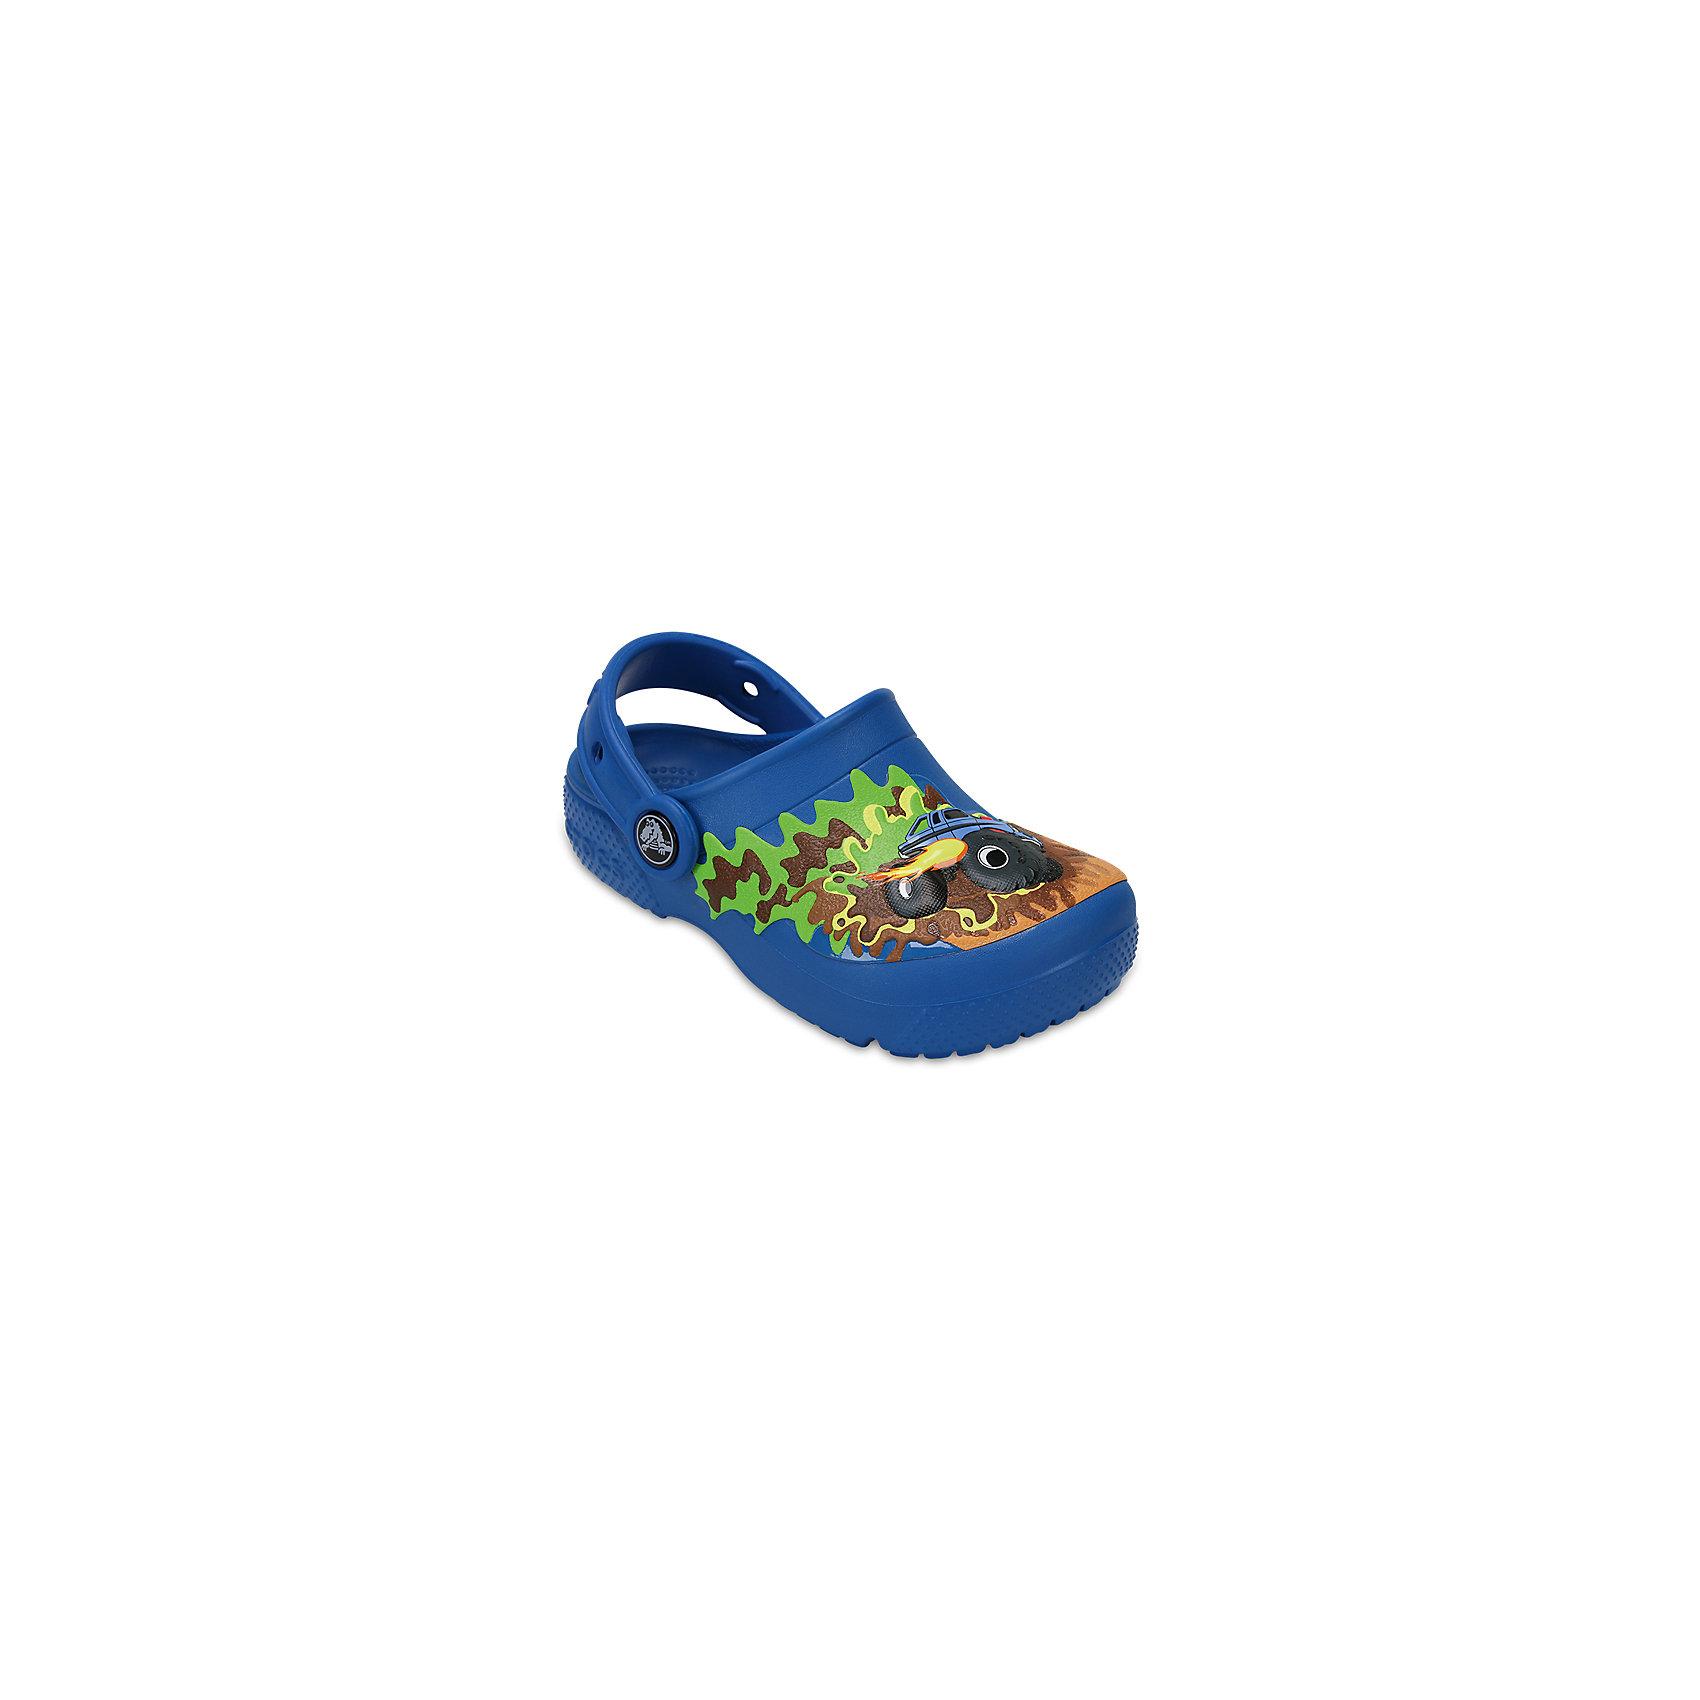 Сабо Kids Classic, CROCSПляжная обувь<br>Характеристики товара:<br><br>• цвет: синий<br>• принт: Вспыш и Чудо-машинки<br>• сезон: лето<br>• тип: пляжная обувь<br>• материал: 100% полимер Croslite™<br>• под воздействием температуры тела принимают форму стопы<br>• полностью литая модель<br>• вентиляционные отверстия<br>• бактериостатичный материал<br>• пяточный ремешок фиксирует стопу<br>• отверстия для использования украшений<br>• анатомическая стелька с массажными точками<br>• страна бренда: США<br>• страна изготовитель: Китай<br><br>Для правильного развития ребенка крайне важно, чтобы обувь была удобной.<br><br>Такие сабо обеспечивают детям необходимый комфорт, а анатомическая стелька с массажными линиями для стимуляции кровообращения позволяет ножкам дольше не уставать. <br><br>Материал, из которого они сделаны, не дает размножаться бактериям, поэтому такая обувь препятствует образованию неприятного запаха и появлению болезней стоп.<br><br>Обувь от американского бренда Crocs в данный момент завоевала широкую популярность во всем мире, и это не удивительно - ведь она невероятно удобна. <br><br>Её носят врачи, спортсмены, звёзды шоу-бизнеса, люди, которым много времени приходится бывать на ногах - они понимают, как важна комфортная обувь. <br><br>Продукция Crocs - это качественные товары, созданные с применением новейших технологий. <br><br>Обувь отличается стильным дизайном и продуманной конструкцией. Изделие производится из качественных и проверенных материалов, которые безопасны для детей.<br><br>Сабо Kids Classic от торговой марки Crocs можно купить в нашем интернет-магазине.<br><br>Ширина мм: 225<br>Глубина мм: 139<br>Высота мм: 112<br>Вес г: 290<br>Цвет: синий<br>Возраст от месяцев: 36<br>Возраст до месяцев: 48<br>Пол: Унисекс<br>Возраст: Детский<br>Размер: 27,33/34,34/35,28,26,29,31/32,30,21,22,23,24,25<br>SKU: 5416934